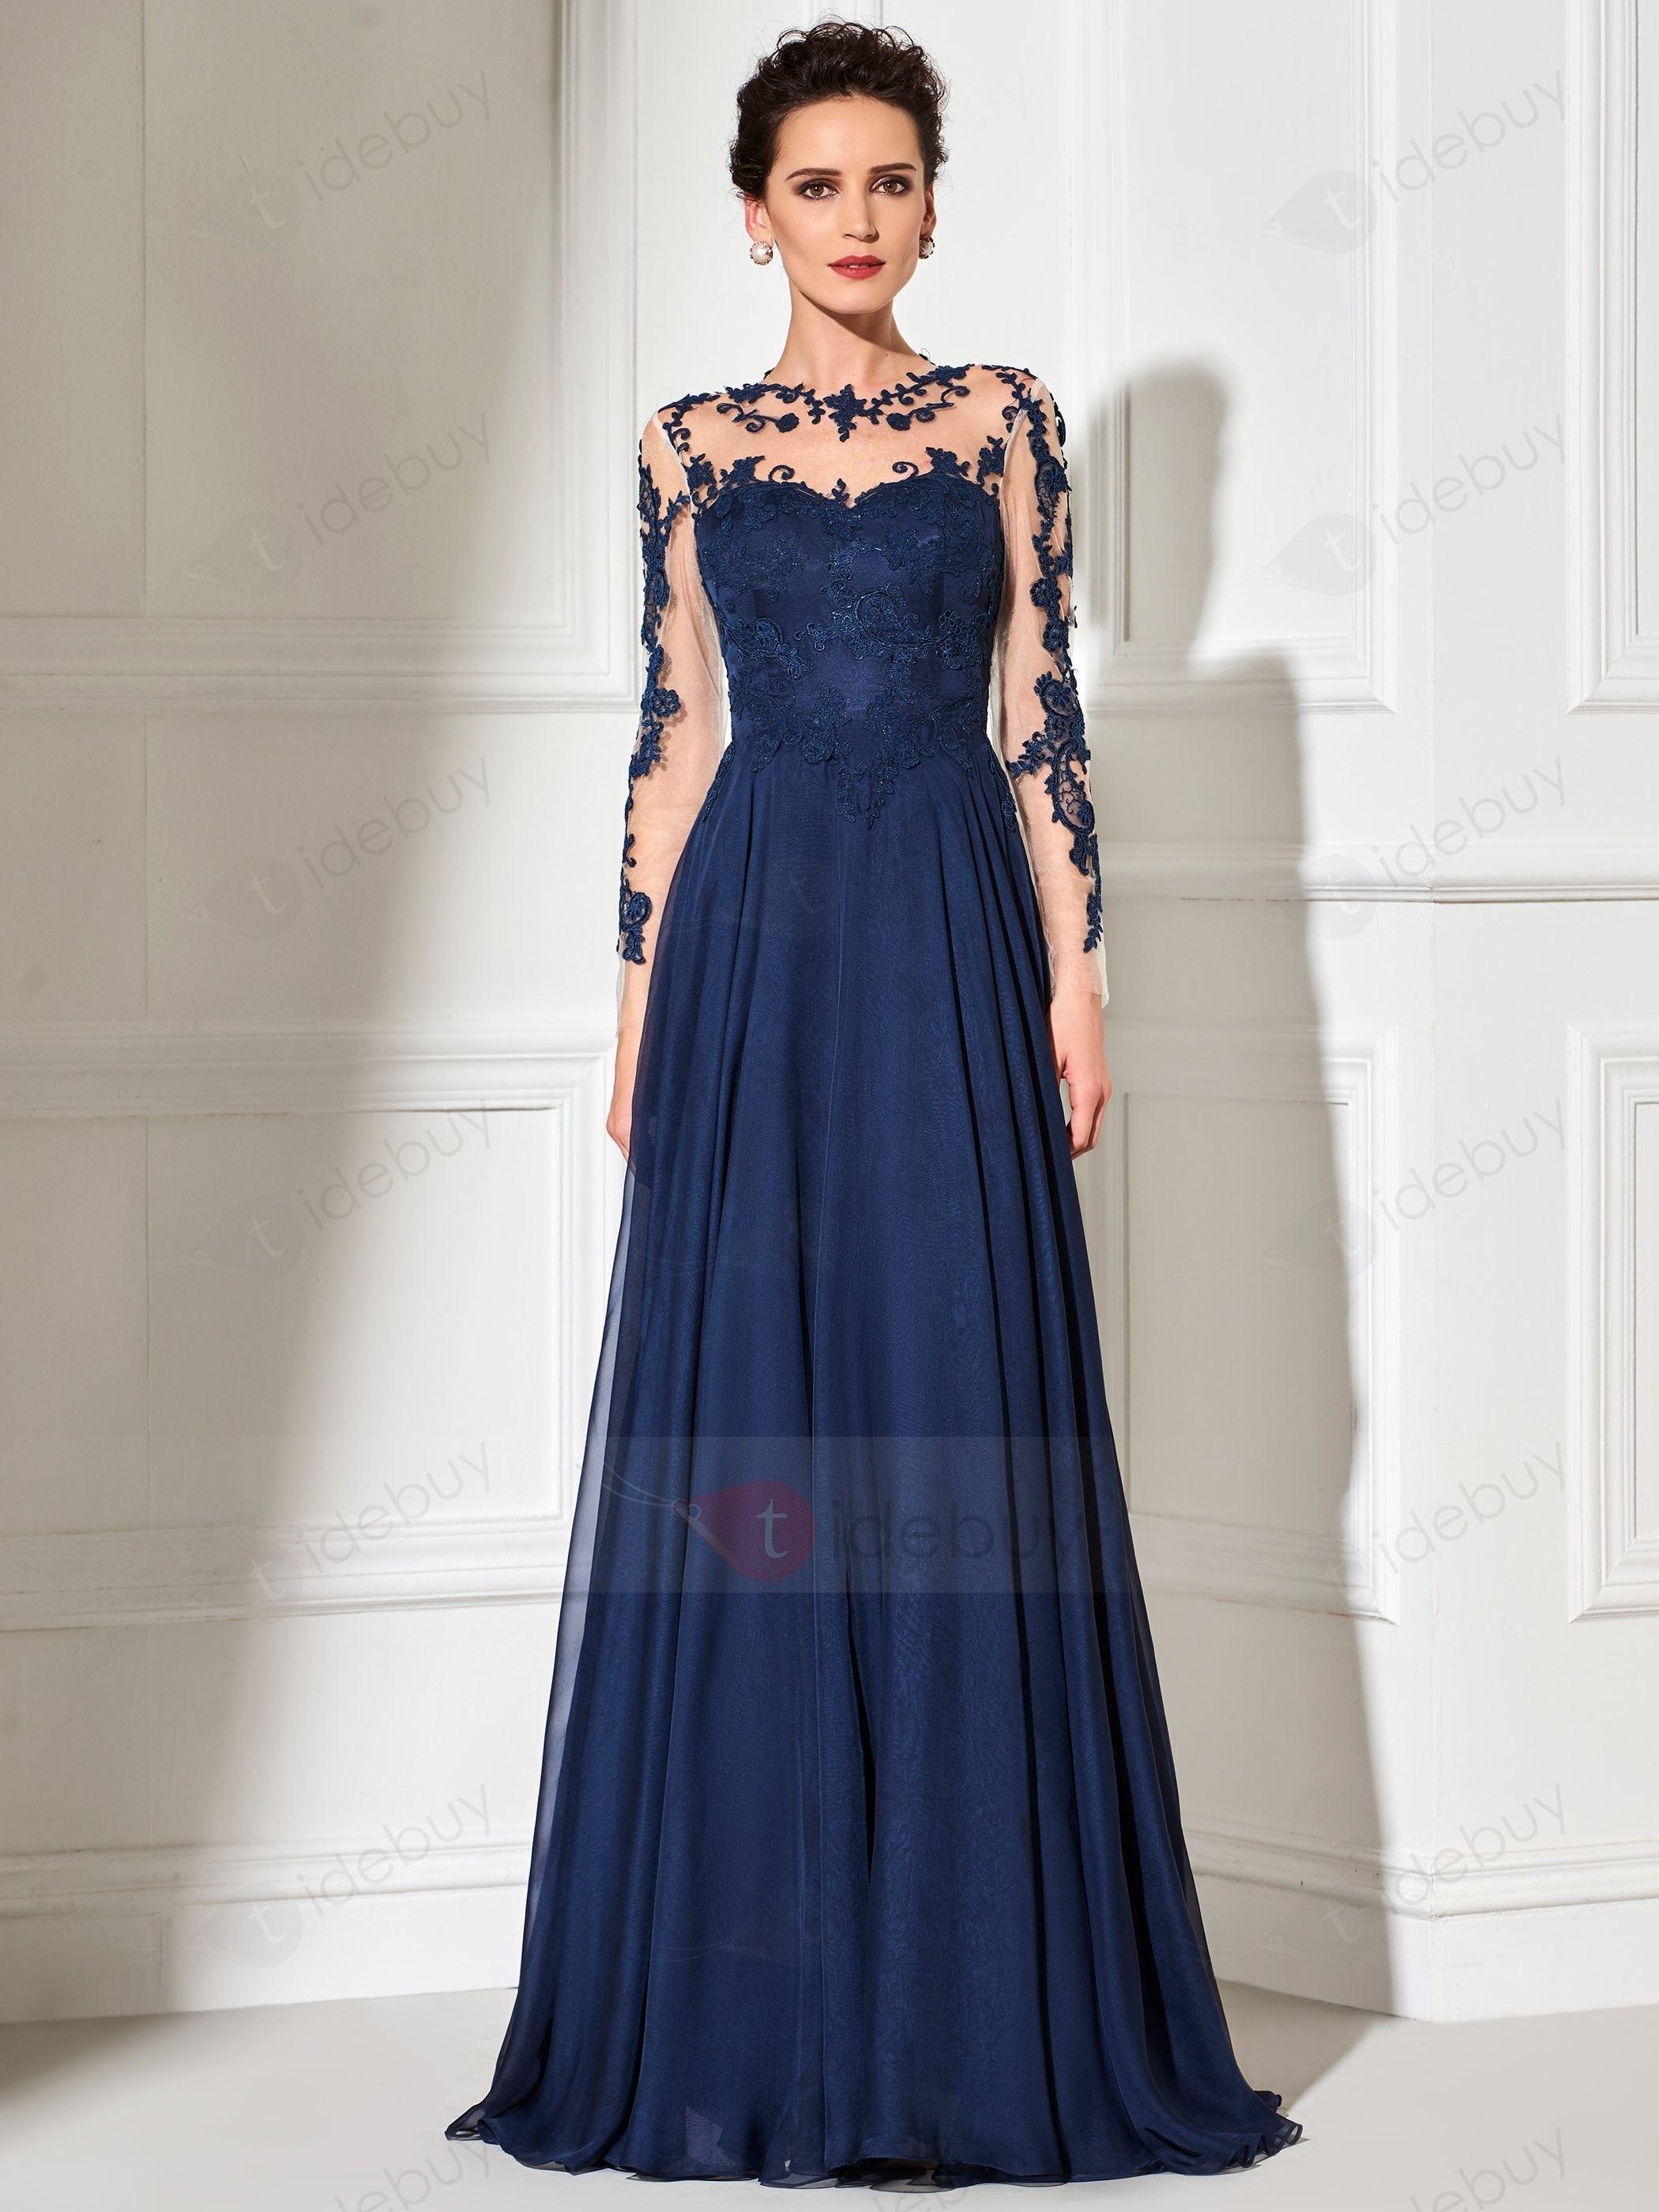 Abend Schön Billige Abendkleider Lang für 201920 Ausgezeichnet Billige Abendkleider Lang Vertrieb